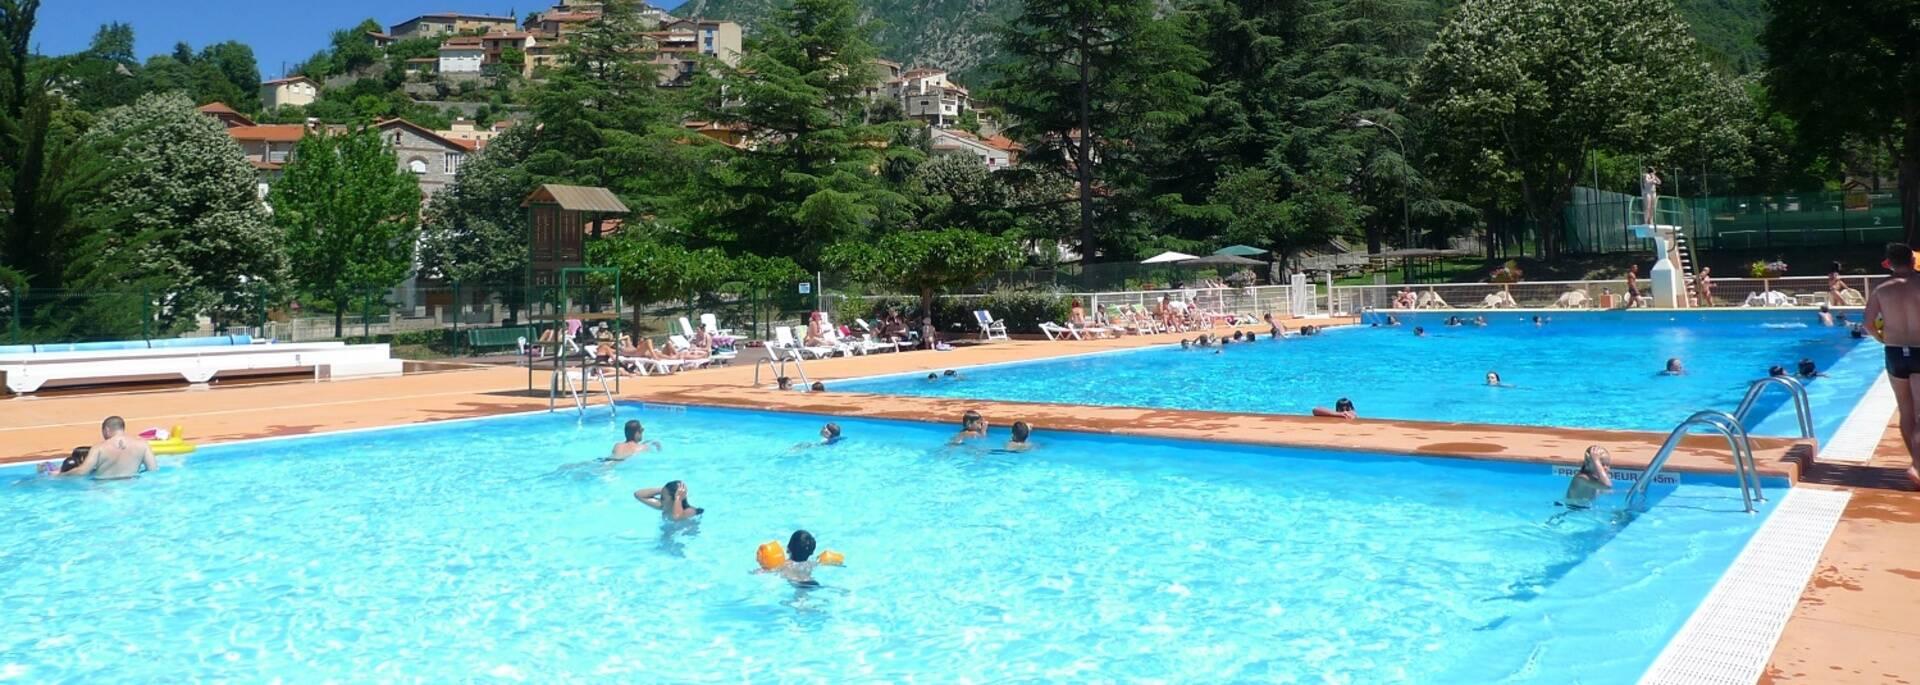 piscine de vernet les bains